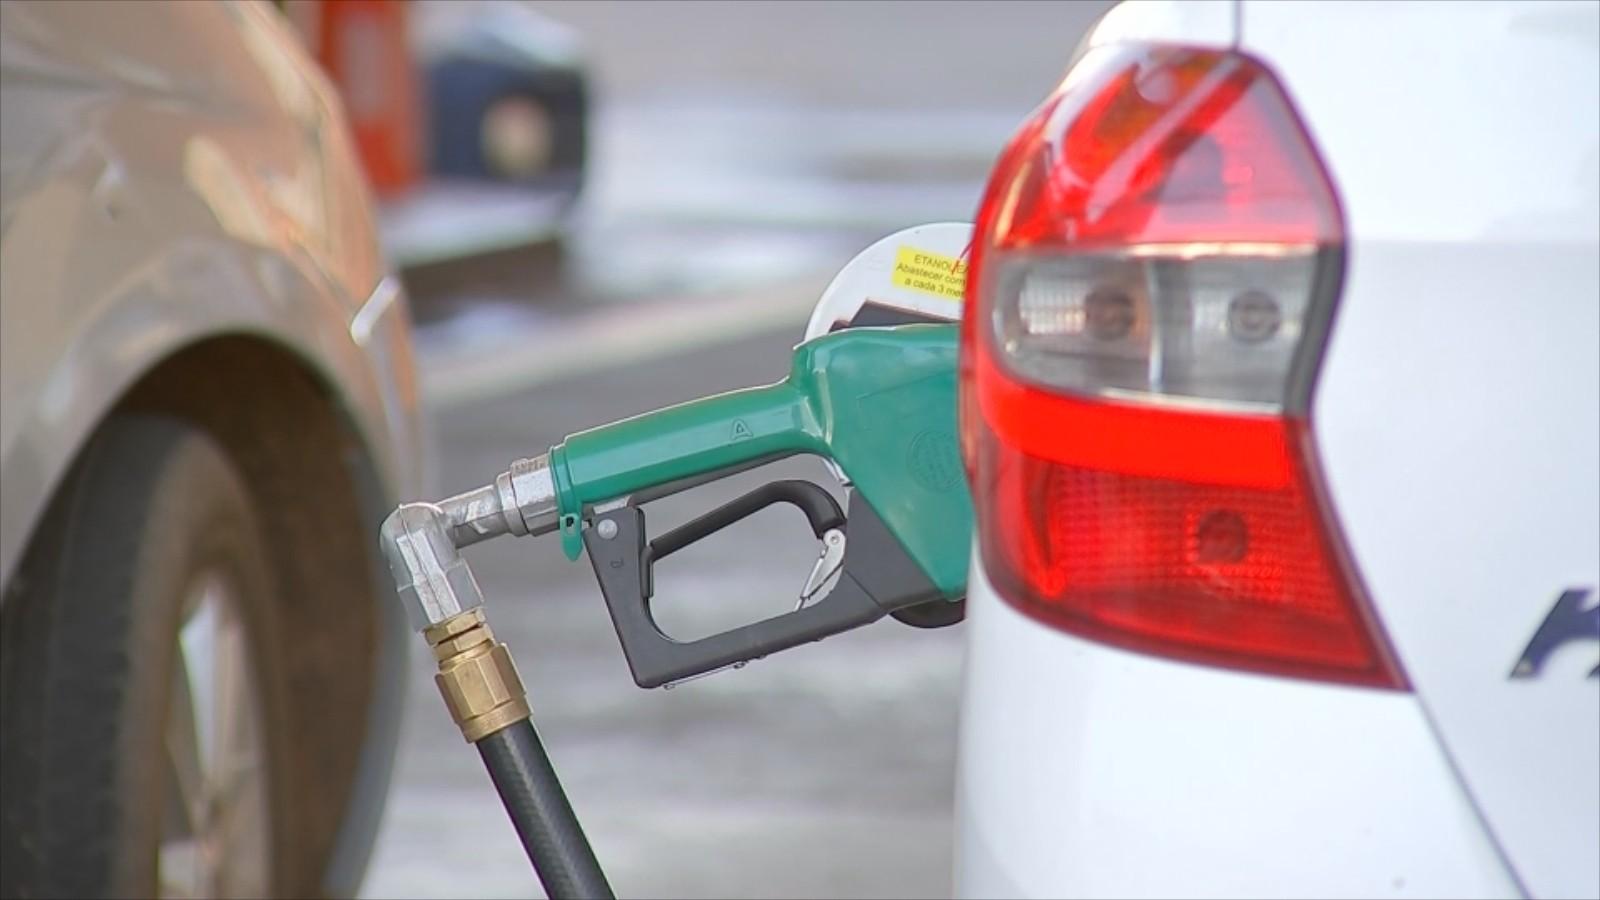 Procon Aracaju divulga levantamento de preços de combustíveis na capital - Notícias - Plantão Diário